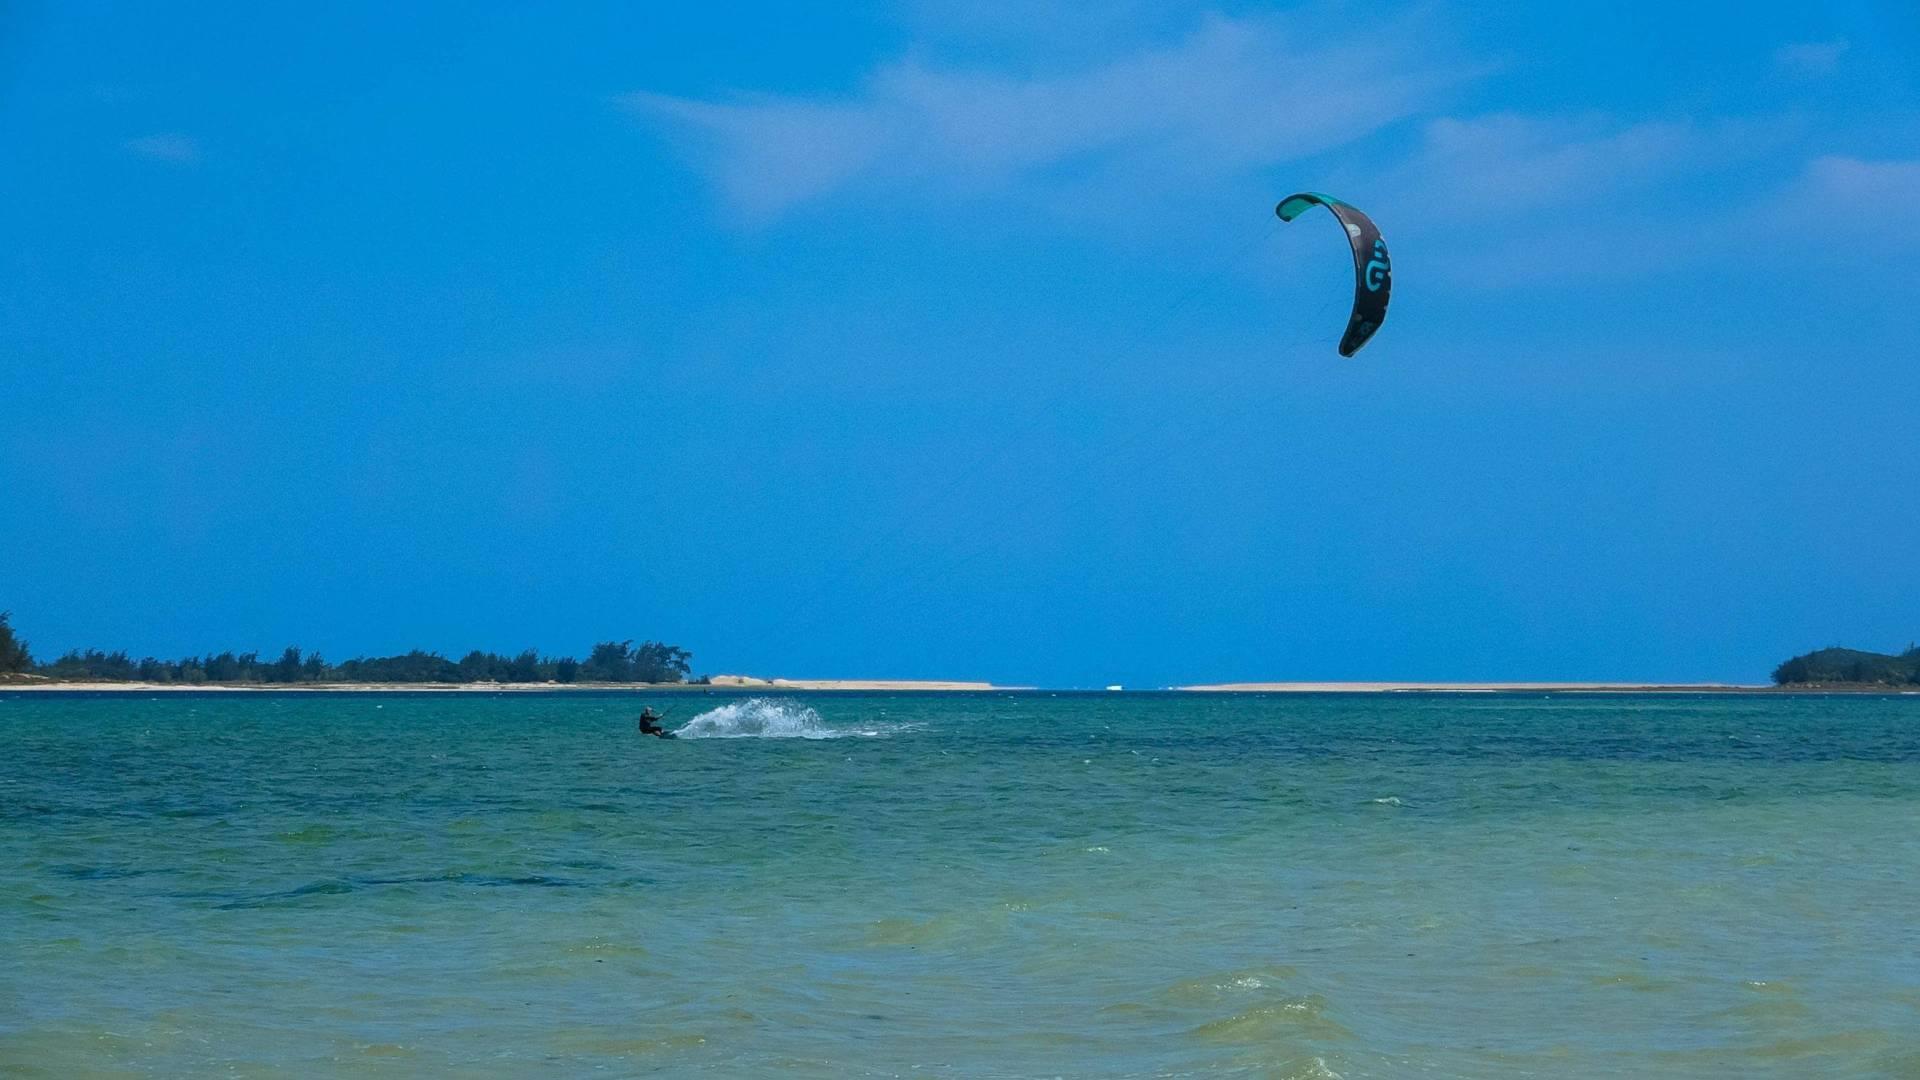 mozambique kitesurf